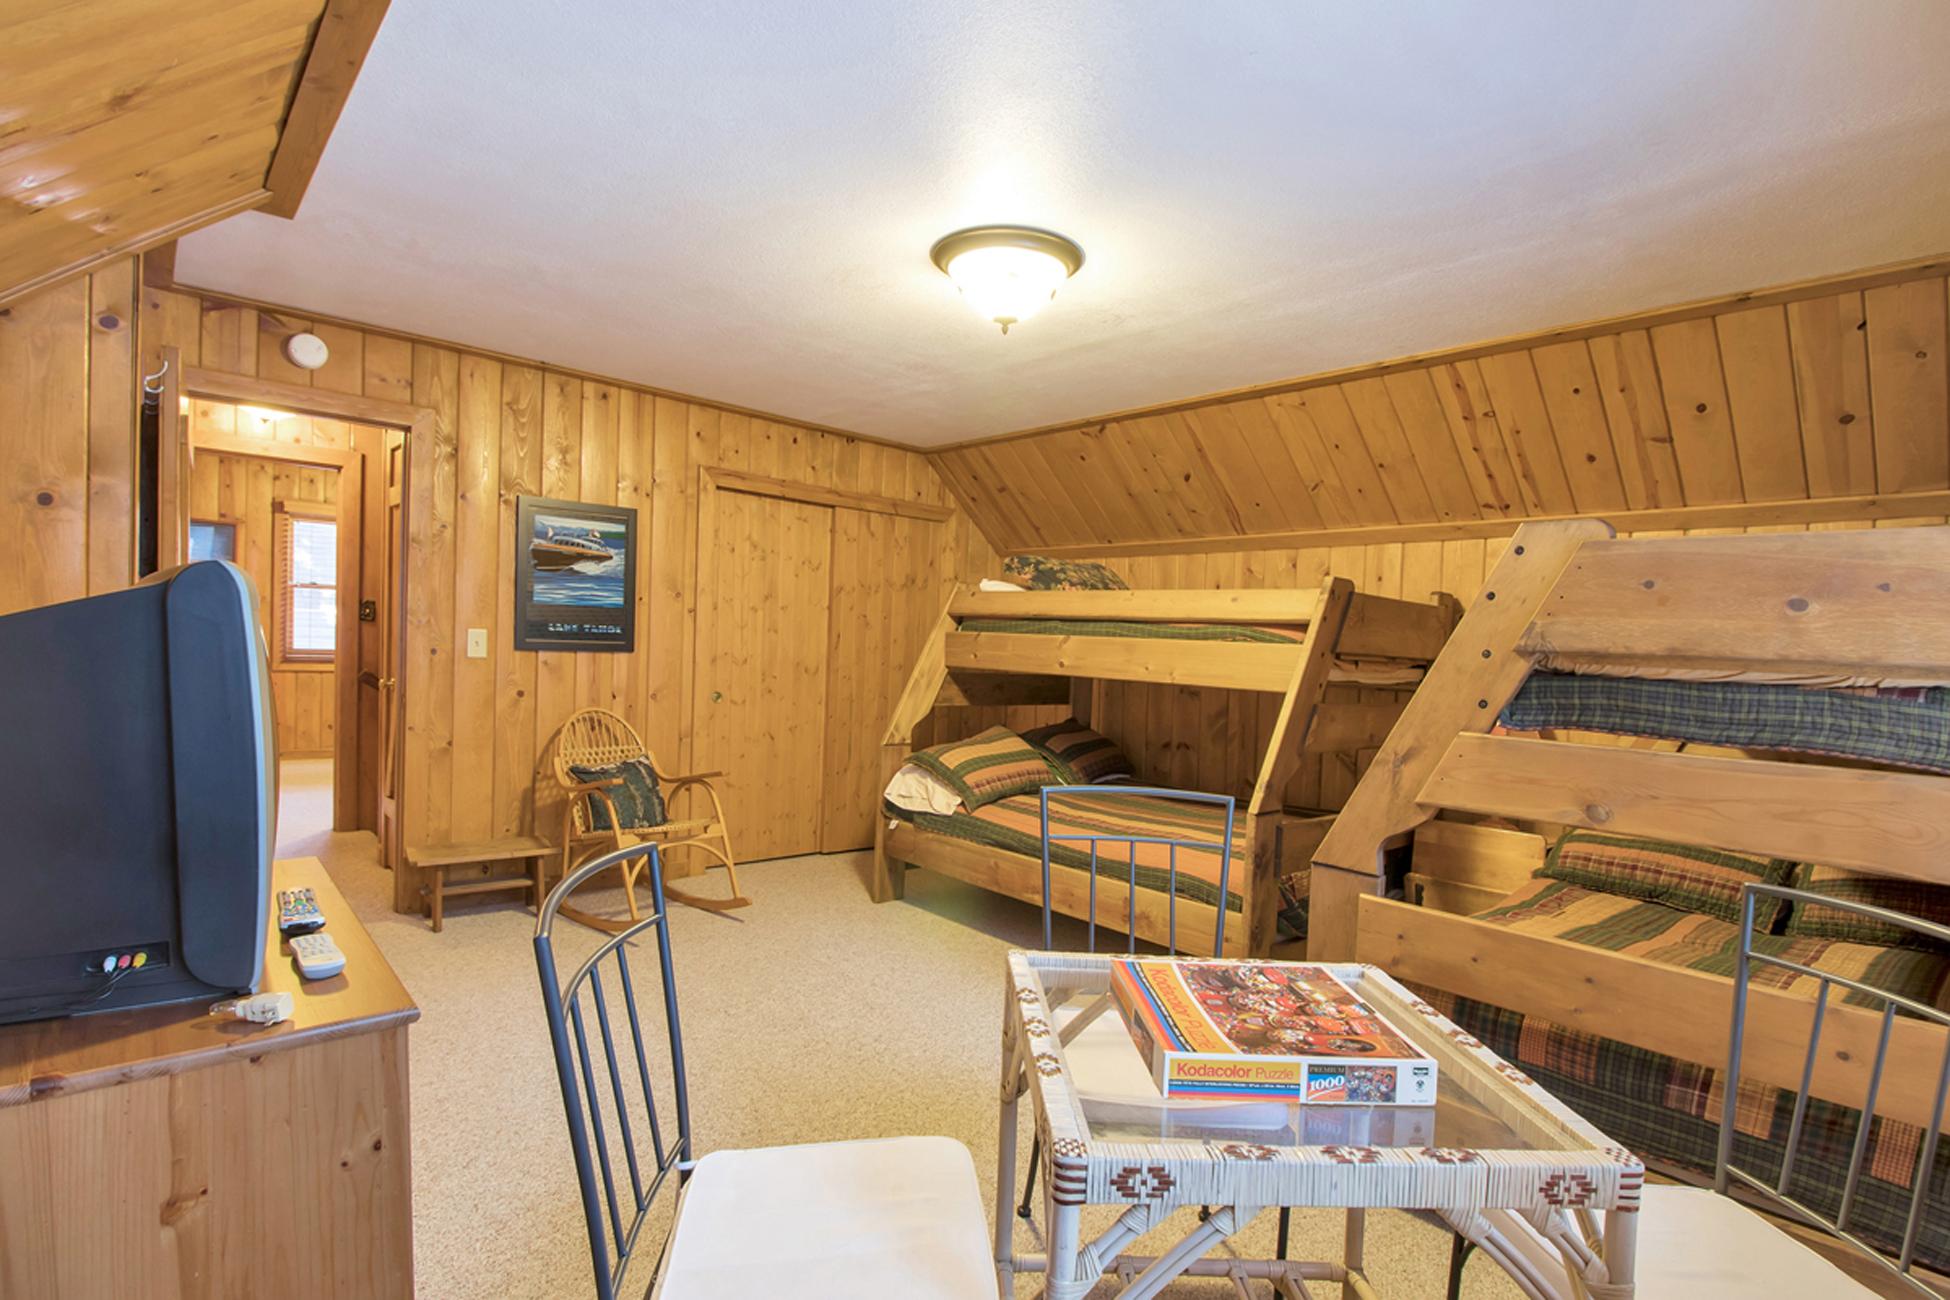 Listing Image 22 for Karley's Lake Lodge